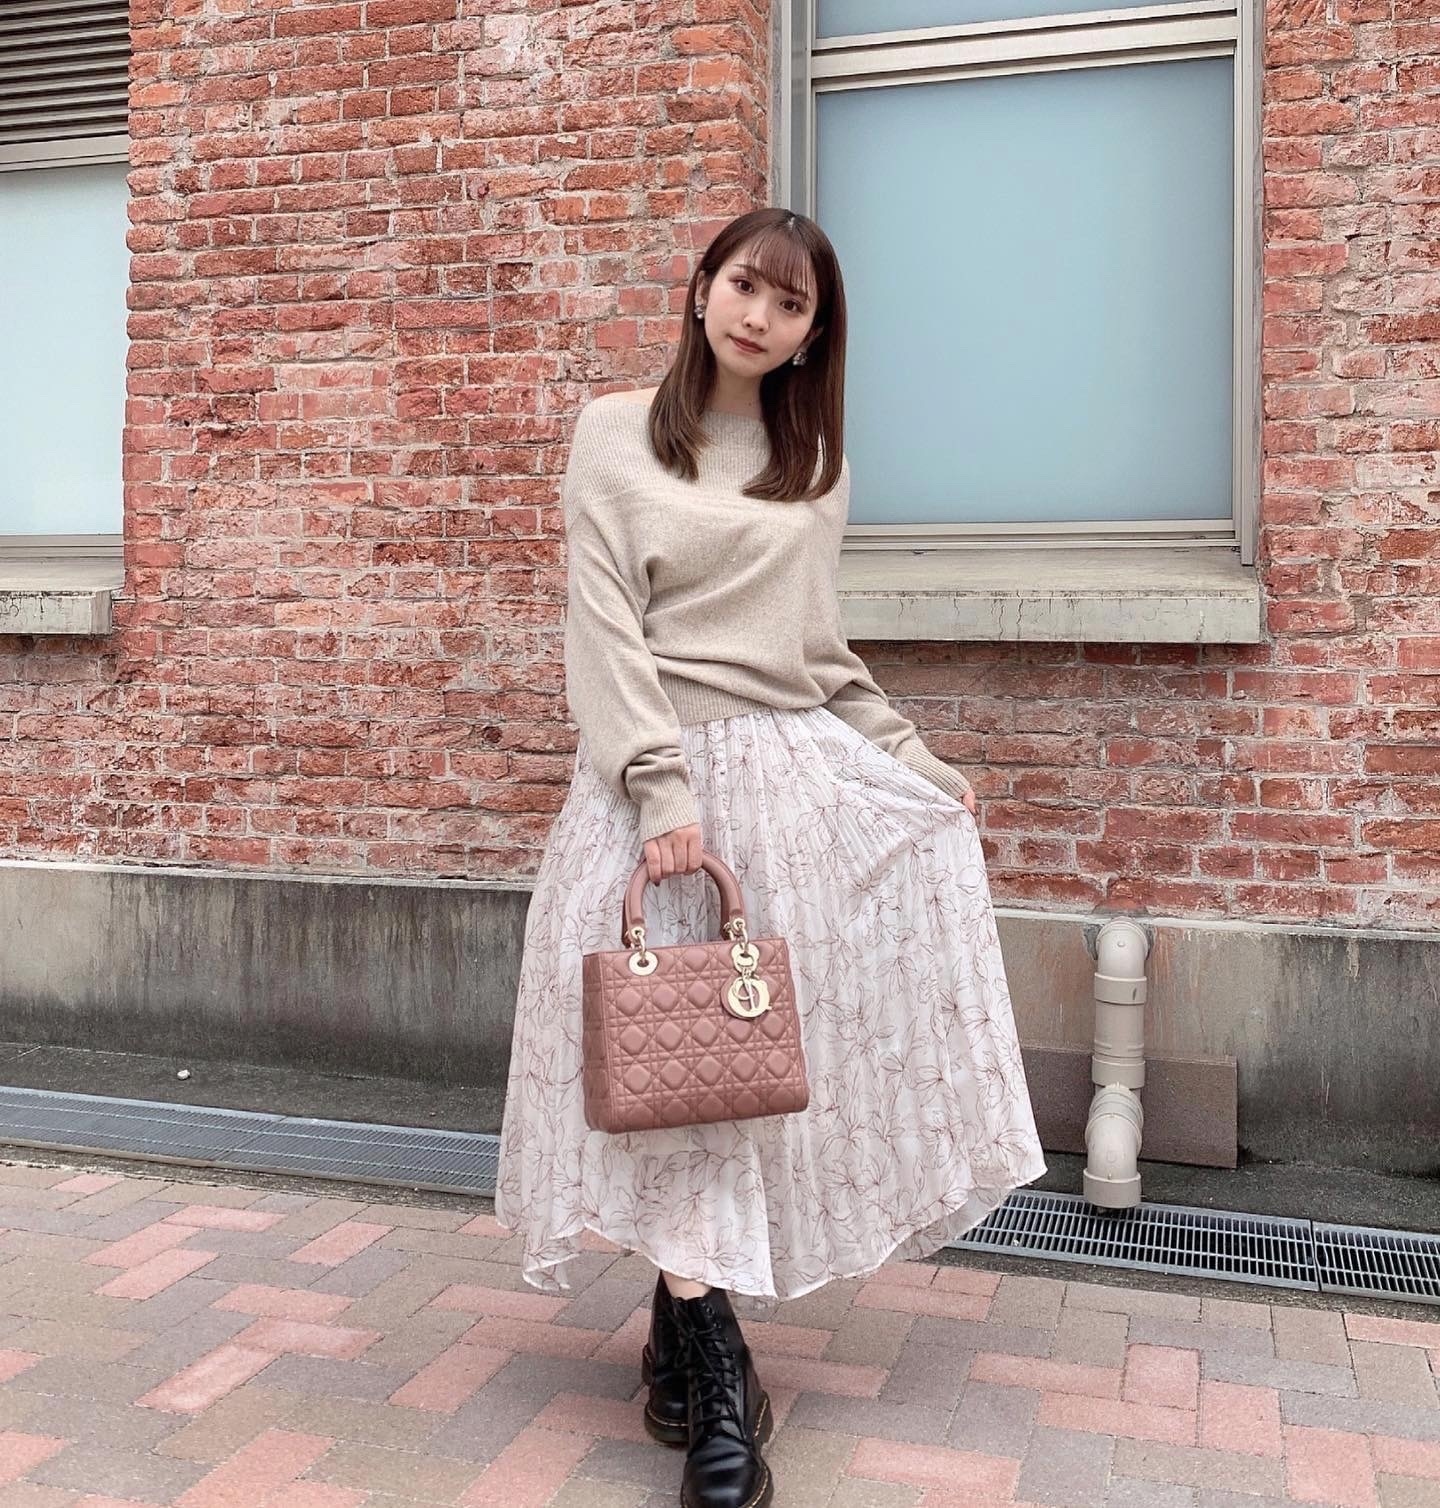 【低身長さん向け】秋のデートコーデ♡オフショル×フィッシュテールスカート【154cm 】_1_1